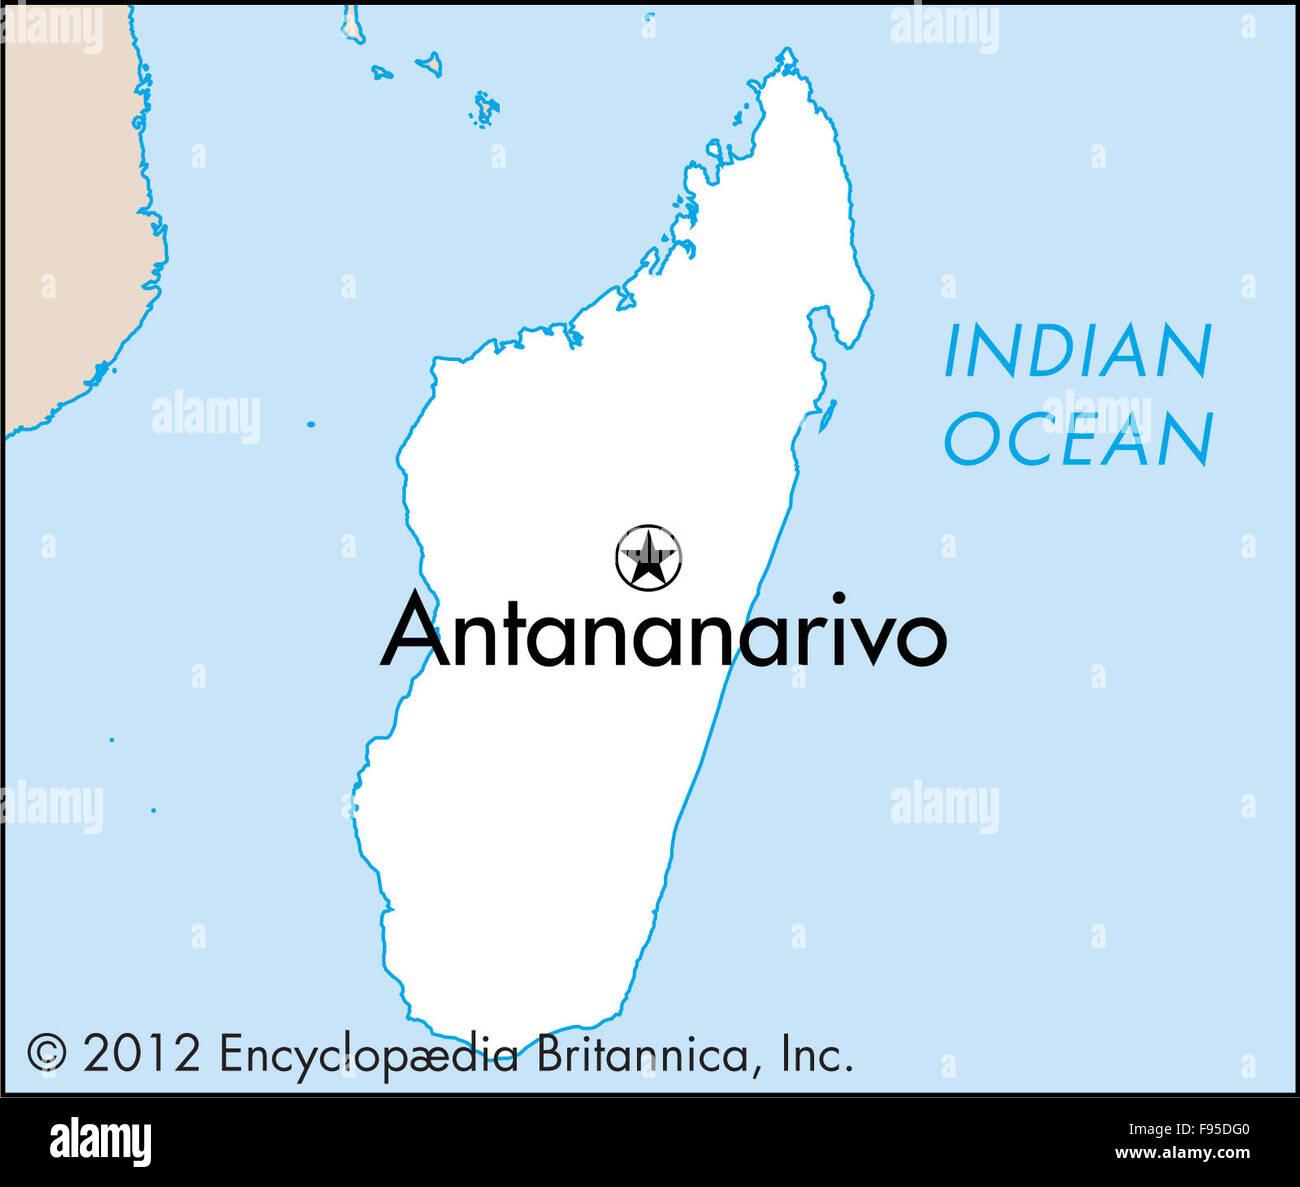 Antananarivo Antananarivo Madagascar Maps Stock Photos